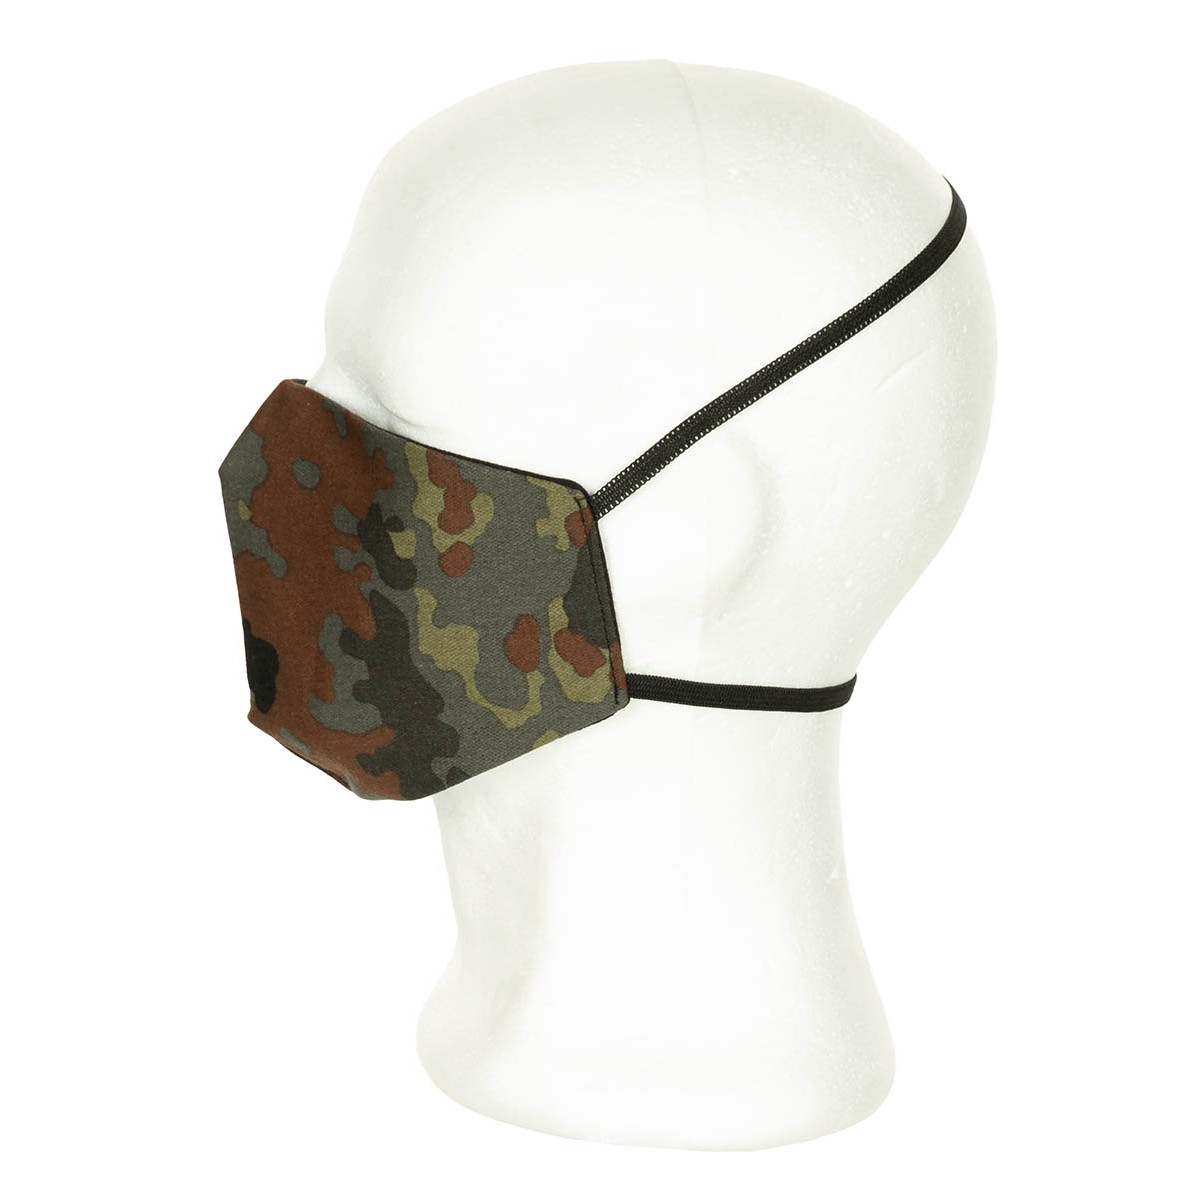 Rouška pro zakrytí úst a nosu maskovaná FLECKTARN